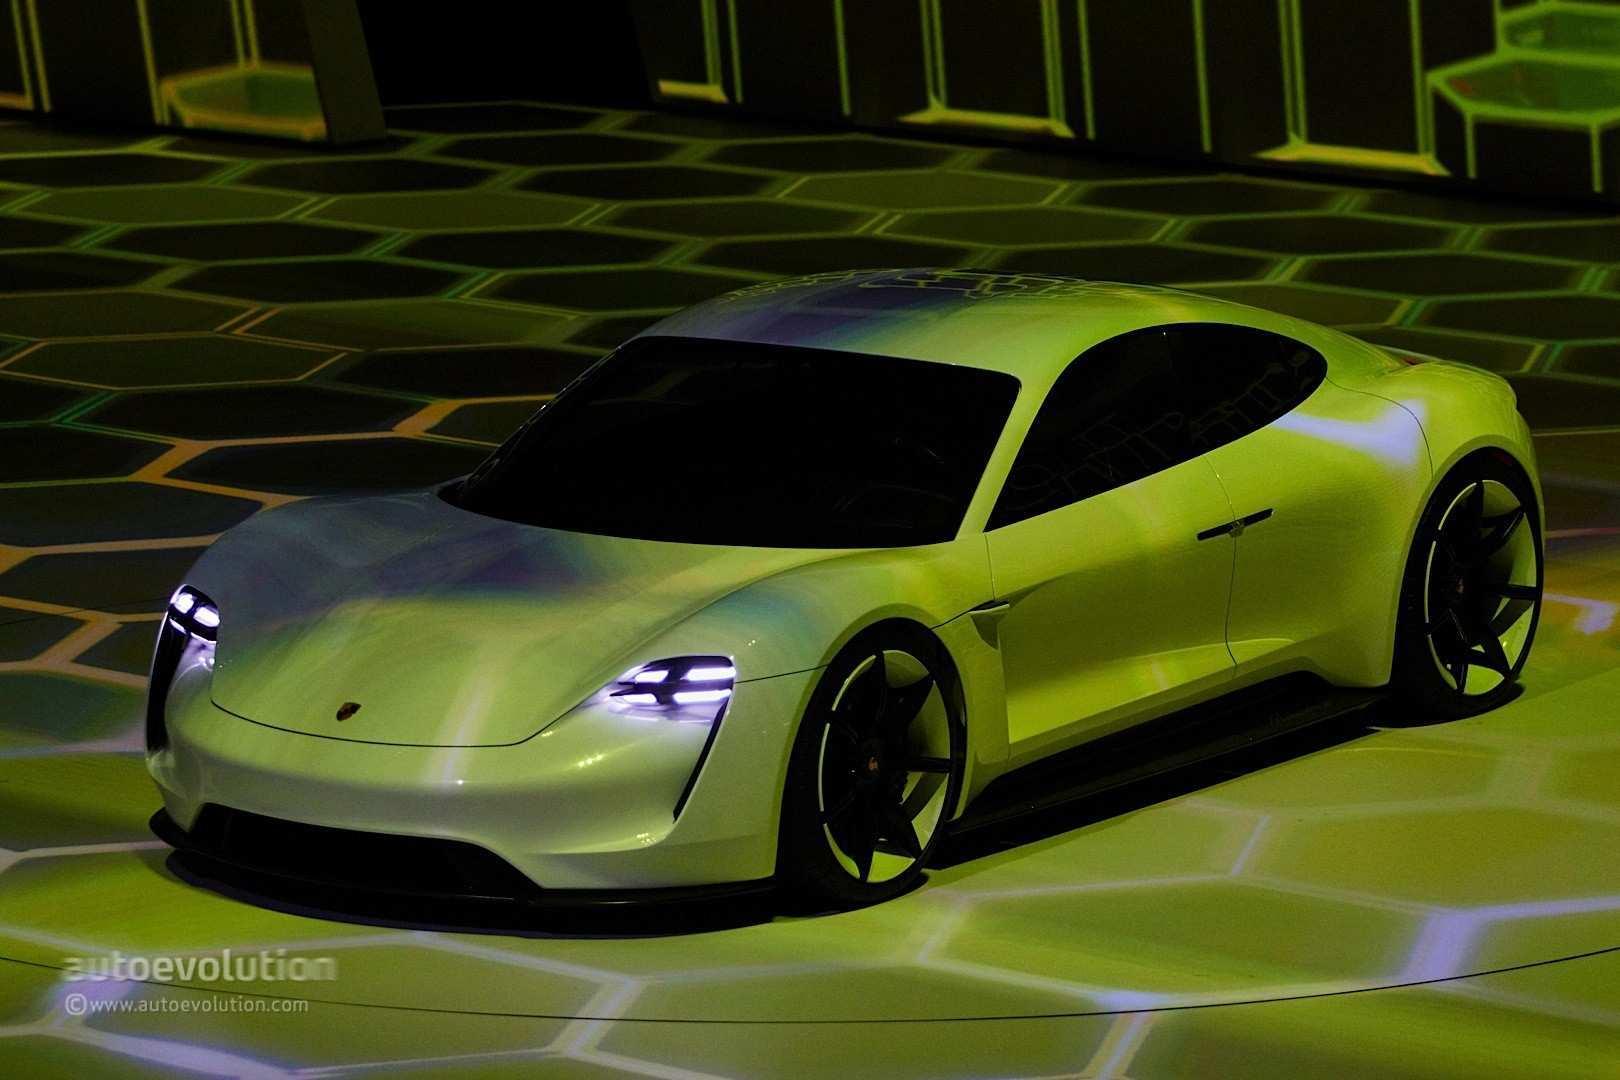 88 Great Porsche Concept 2020 Picture with Porsche Concept 2020